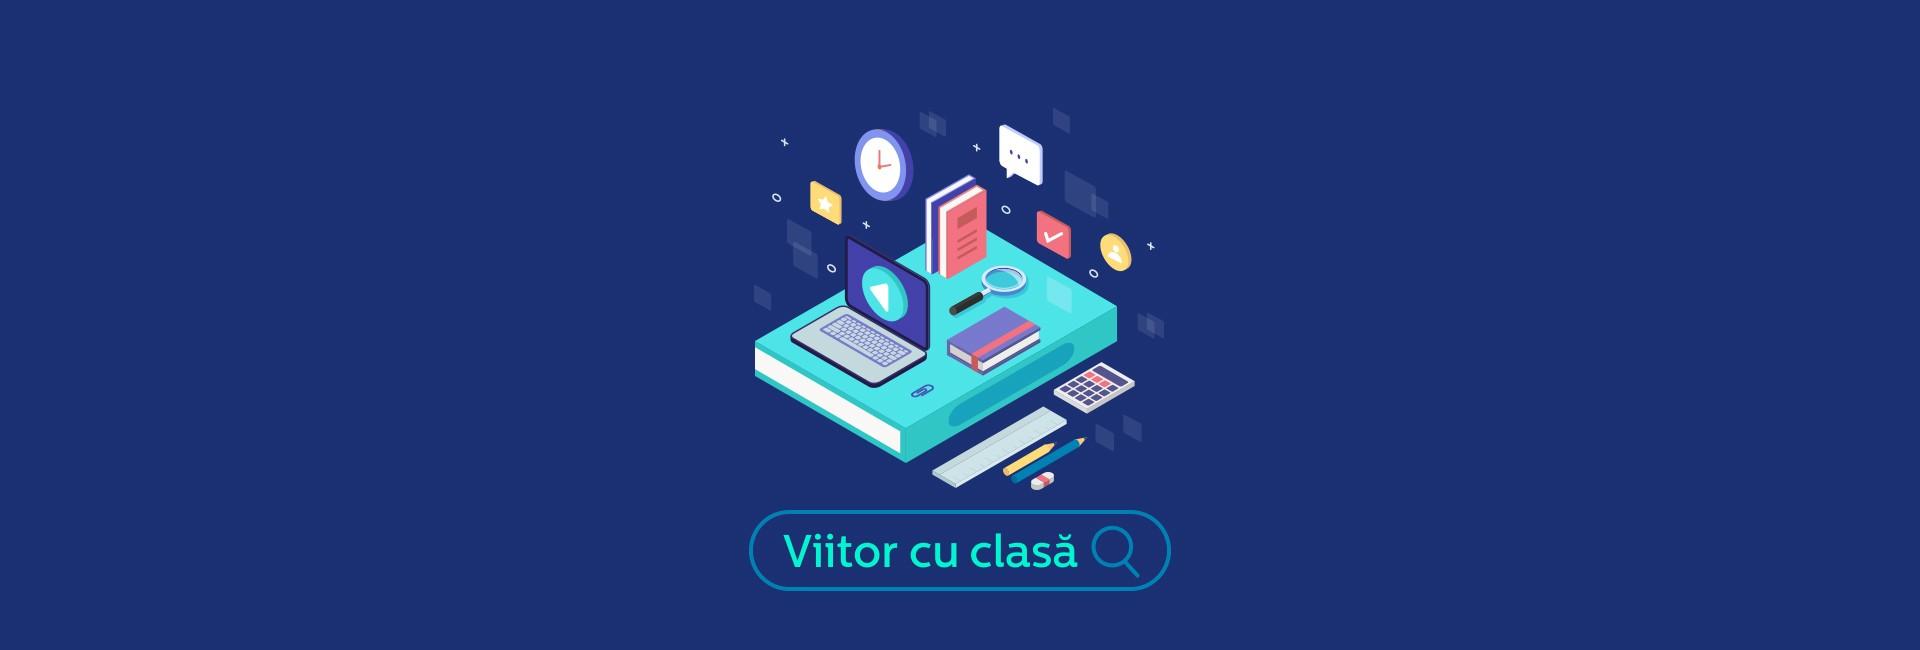 Viitor cu clasă